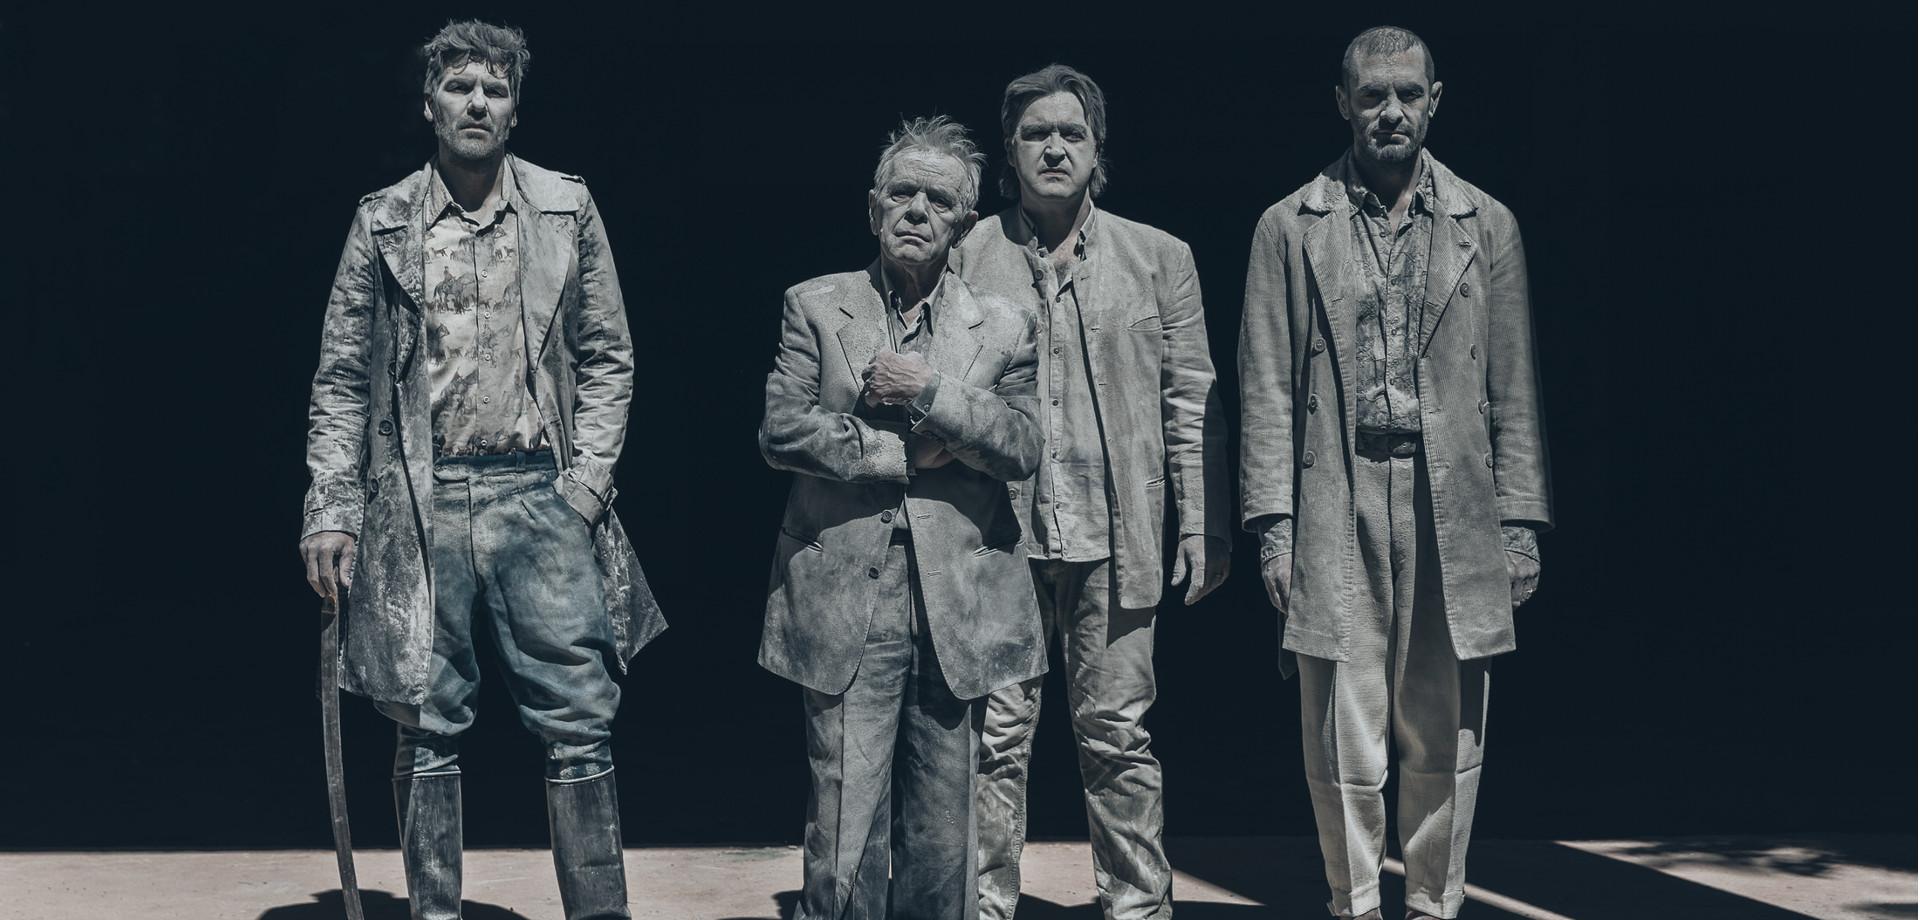 Η «Νεκρή ζώνη» του Χάρολντ Πίντερ στο θέατρο «Θησείον» σε σκηνοθεσία Κώστα  Φιλίππογλου - Θέατρο - Χορός - Κοινωνικό έργο - κωμωδία - elculture.gr